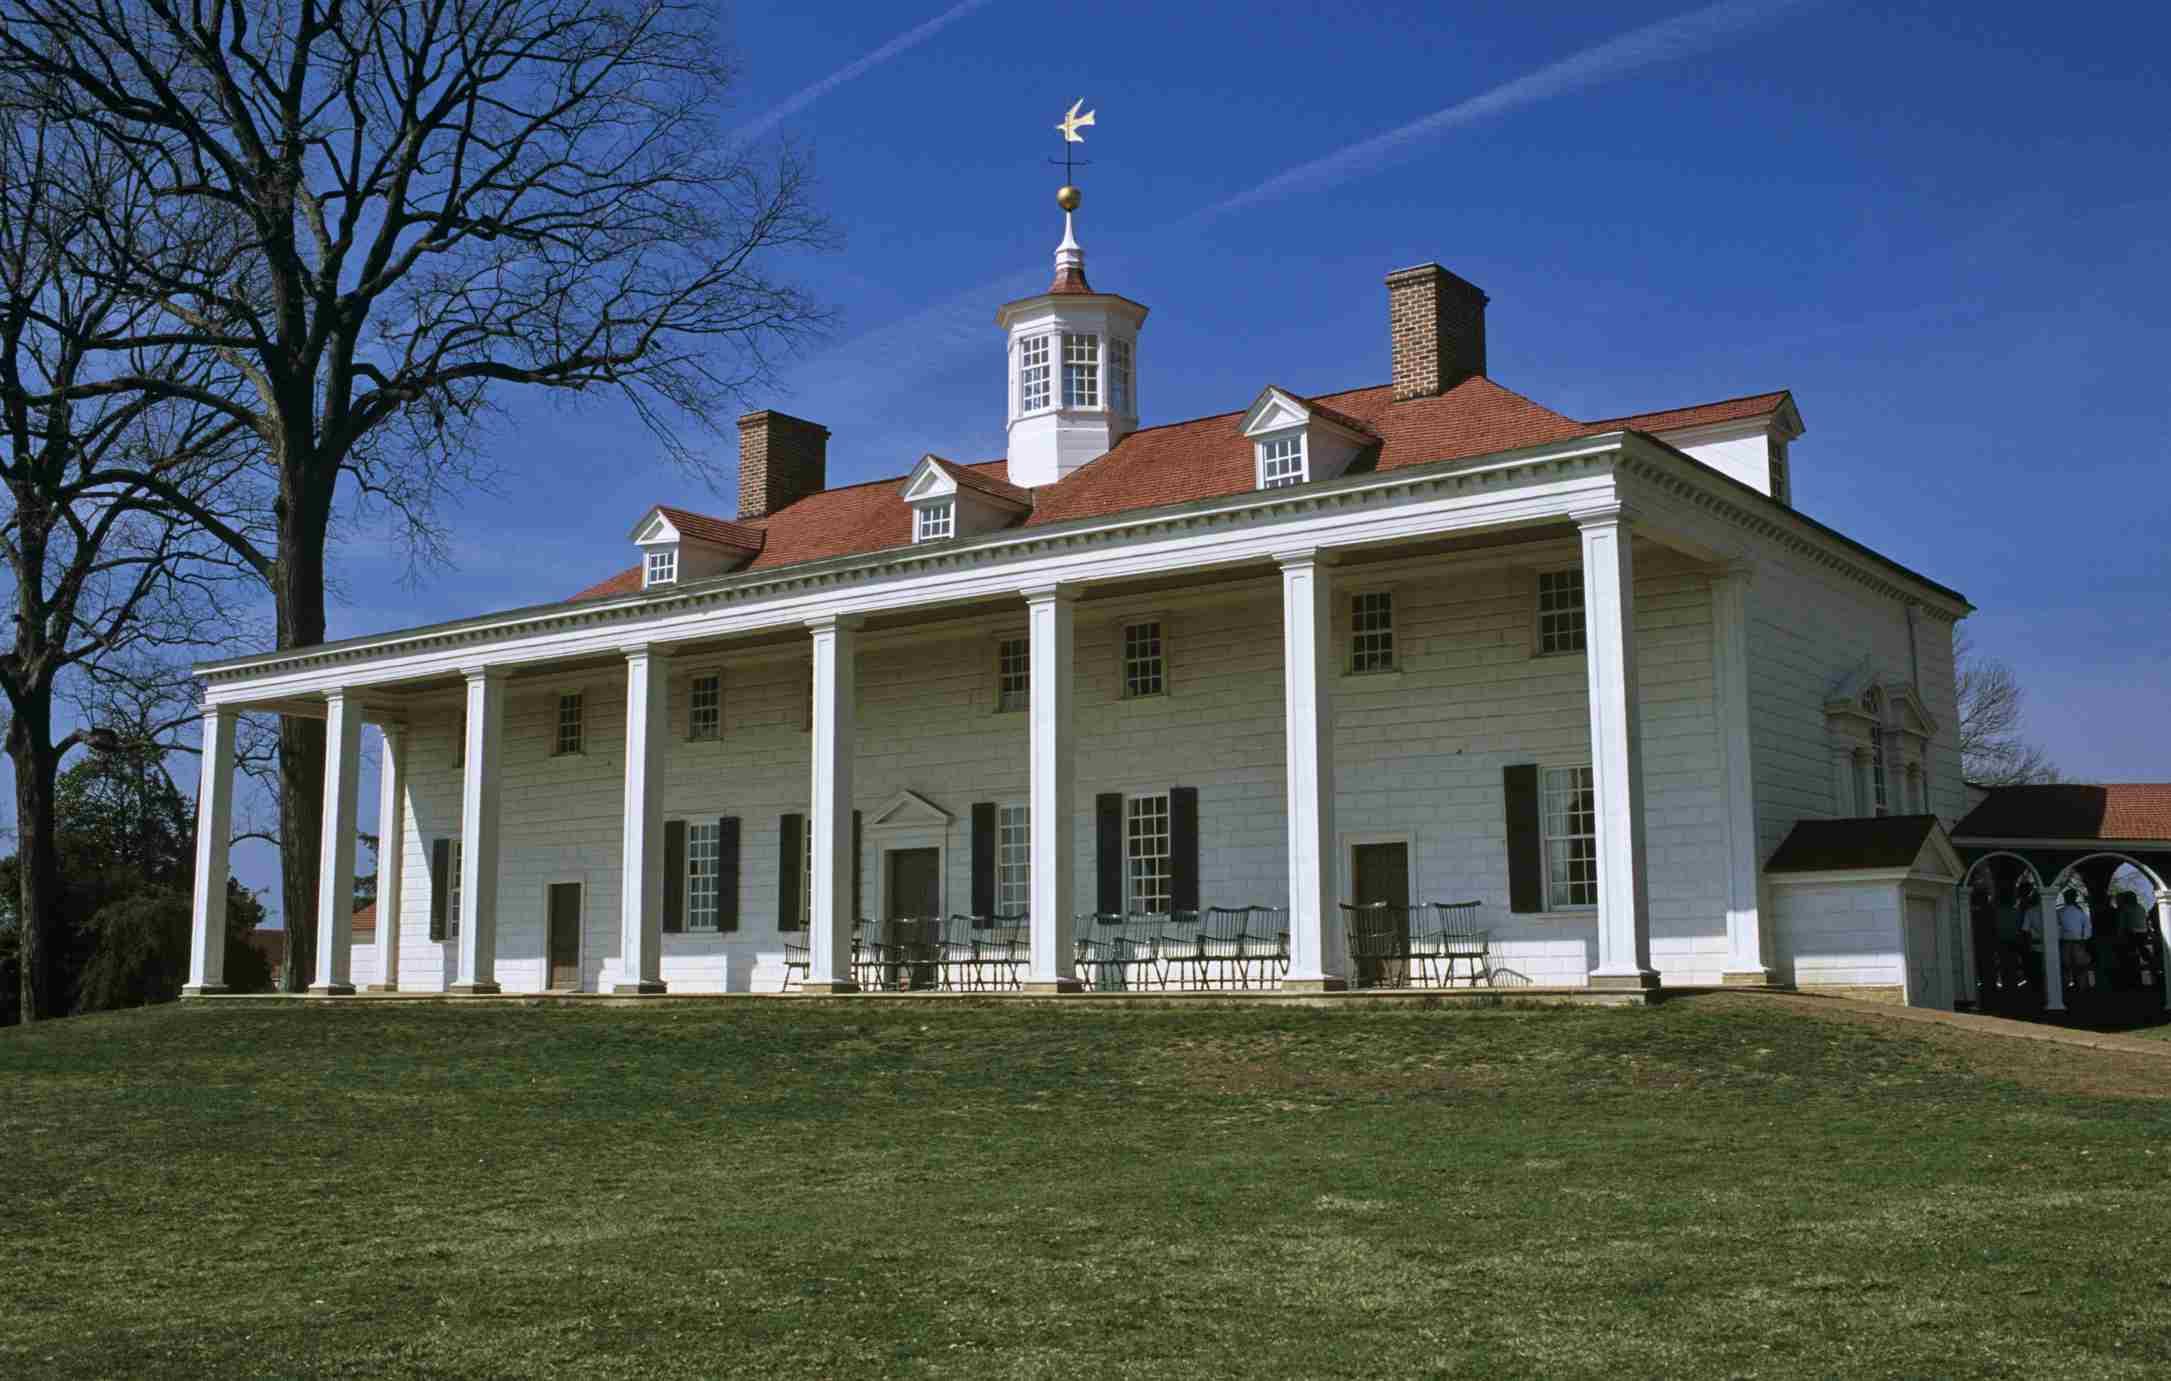 Mount Vernon, Virginia, USA